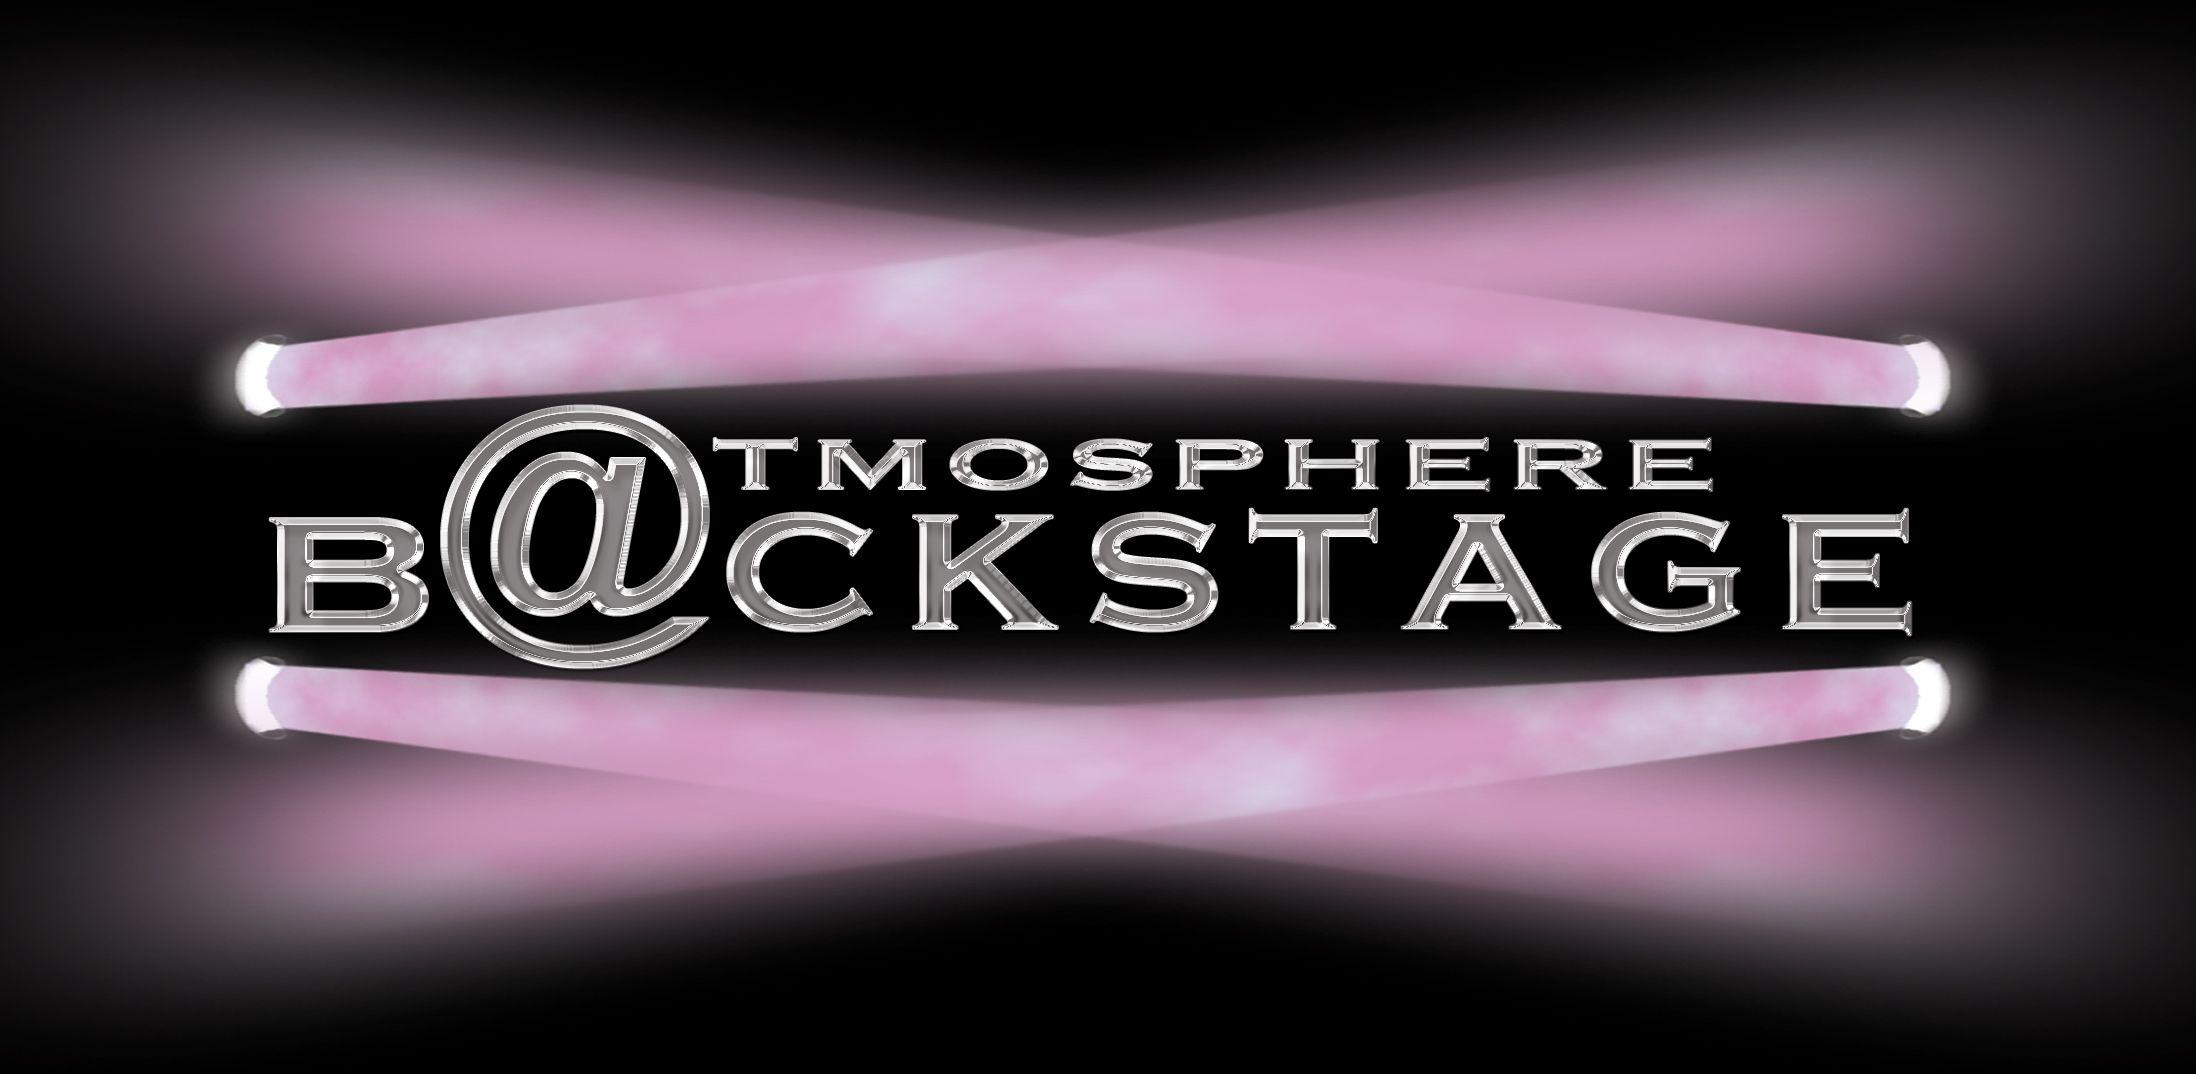 tmosphere Bckstage Logo Nissan logo, Logos, Vehicle logos